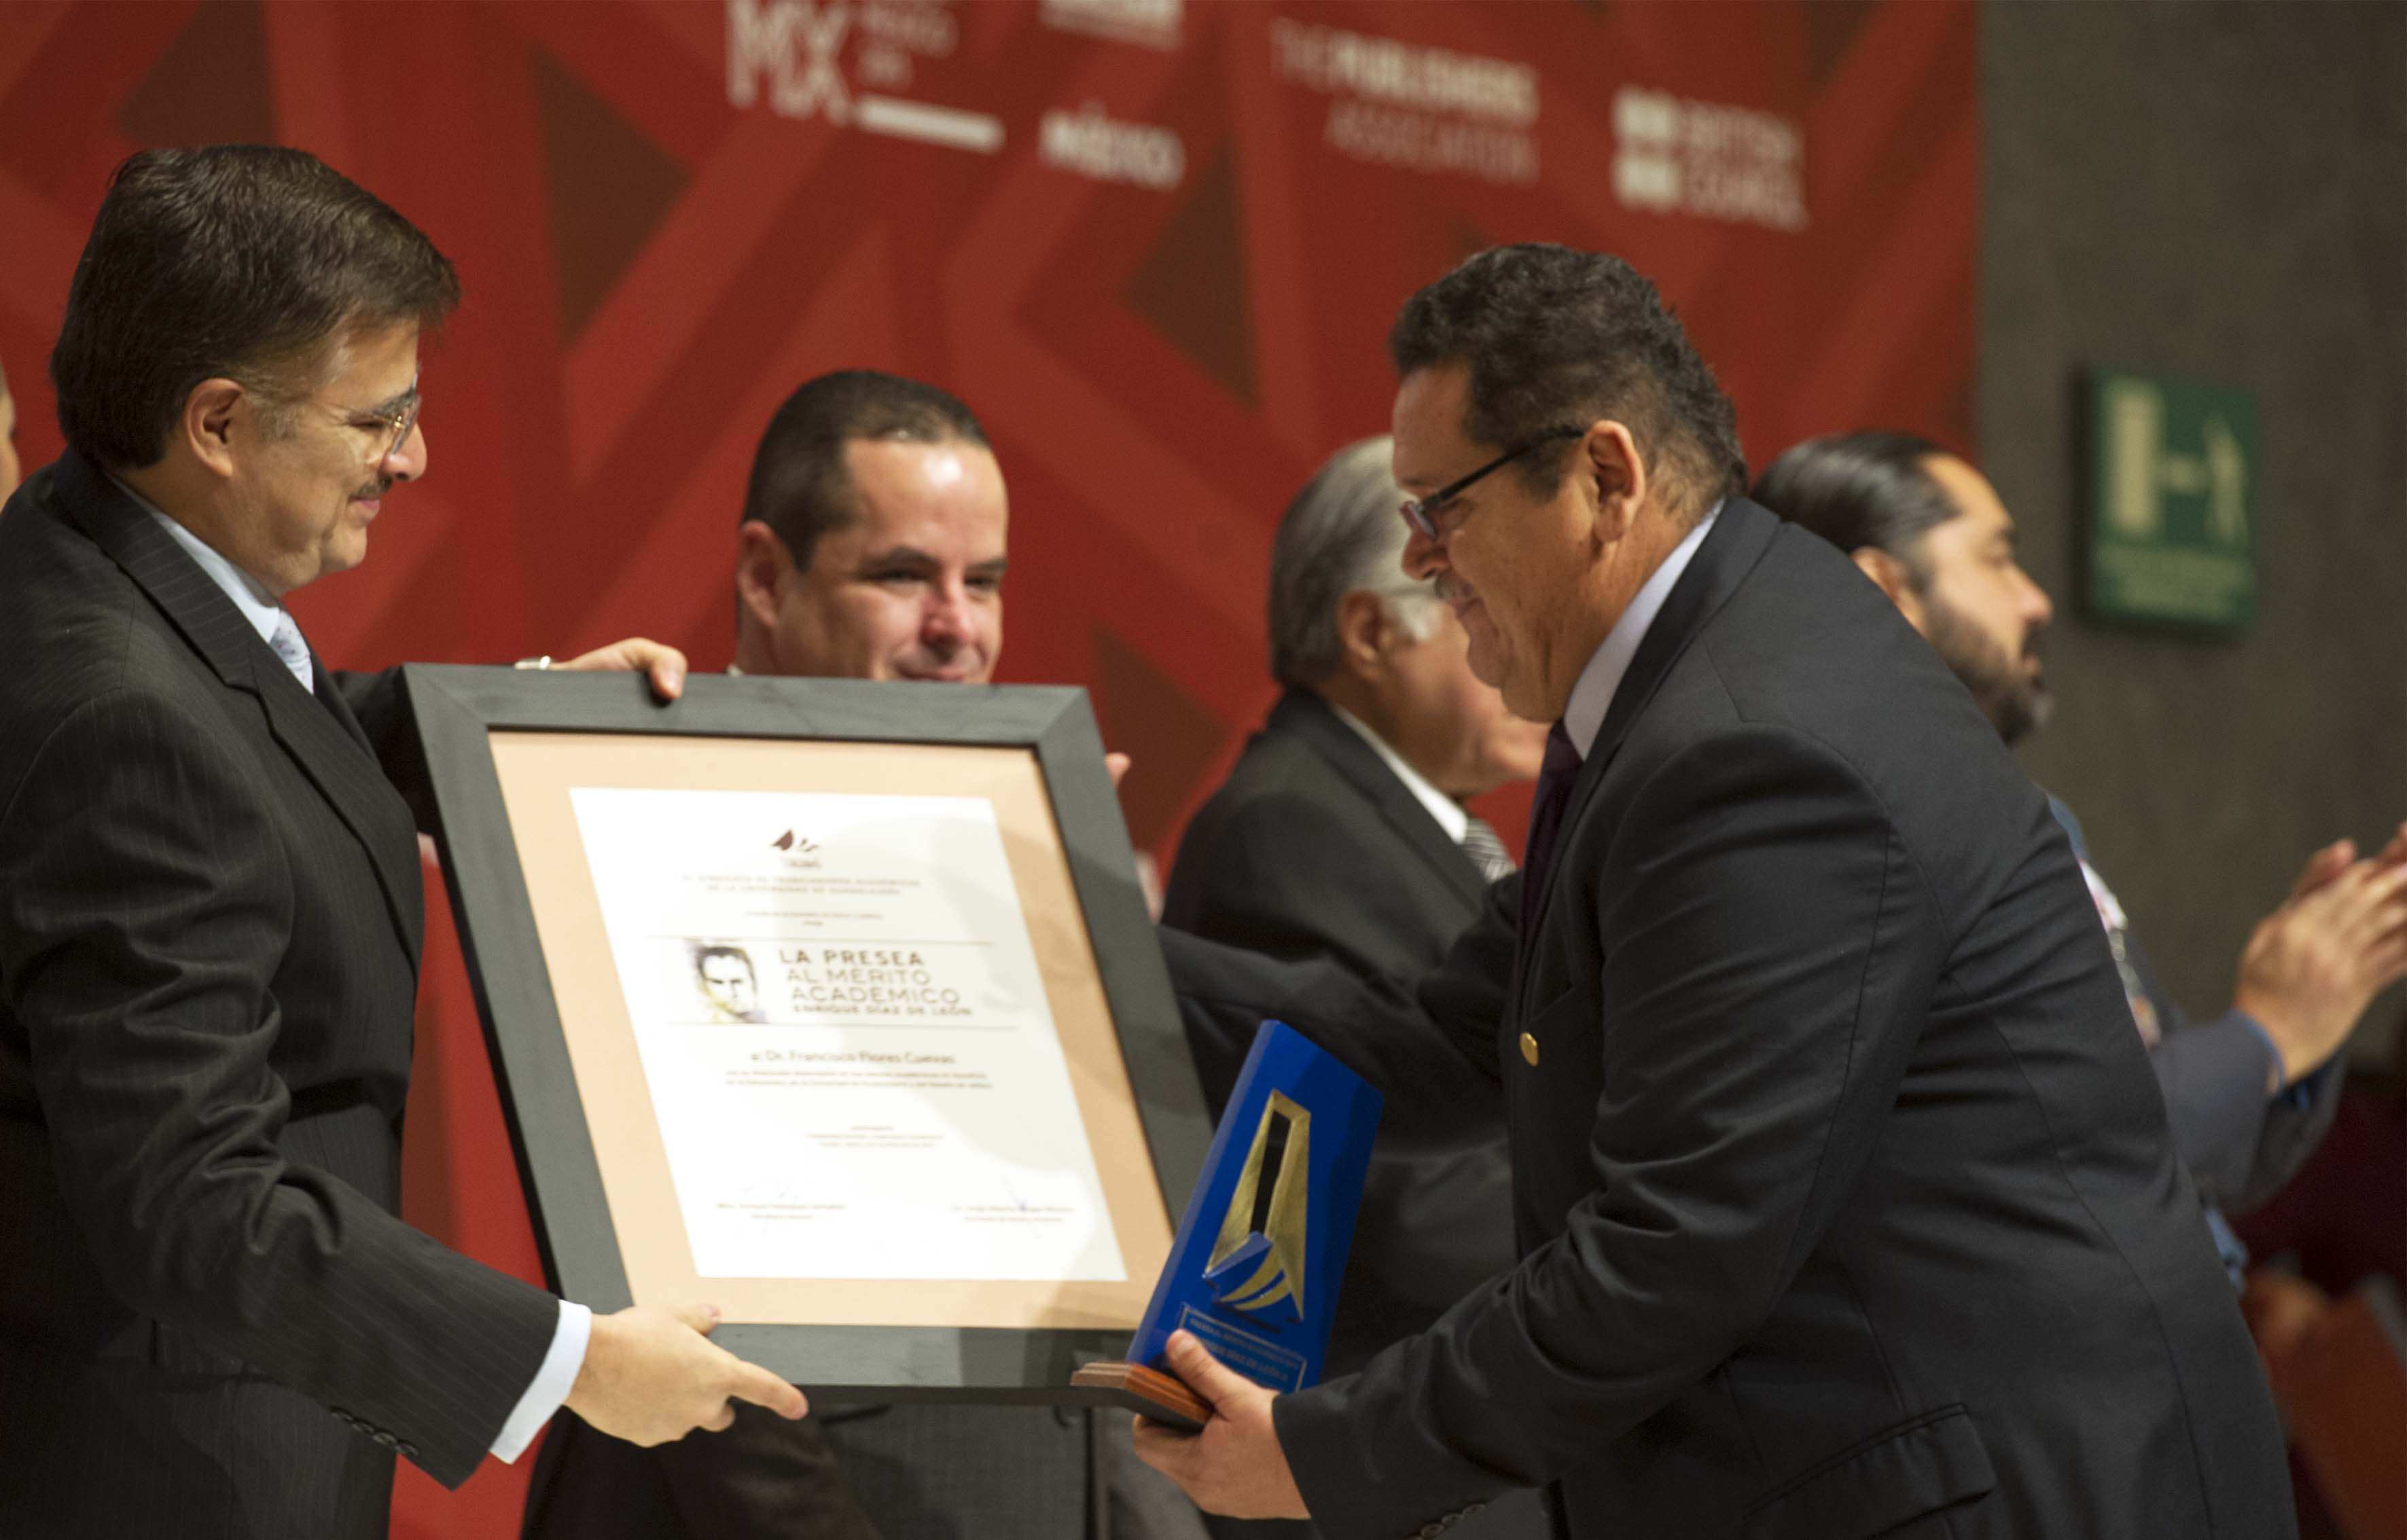 """Mtro Itzcoátl Tonatiuh Bravo Padilla haciendo entrega de la Presa al Mérito Académico """"Enrique Díaz de León"""""""